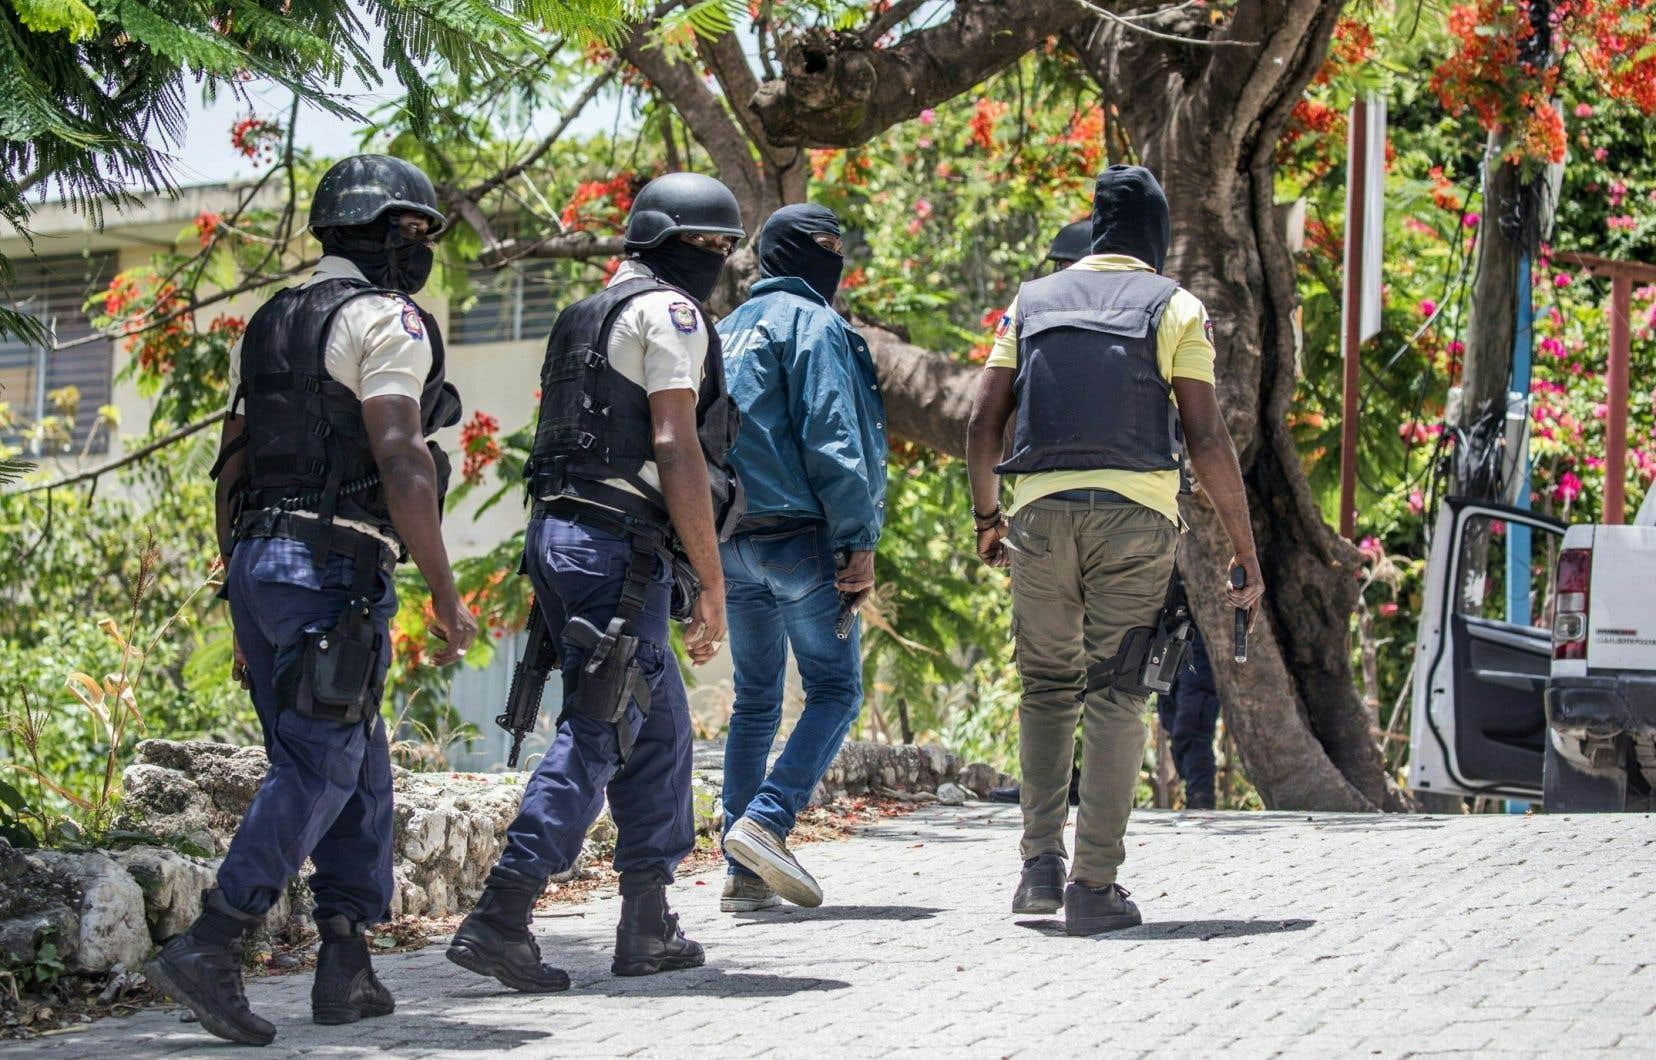 Haïti fait cette requête de crainte que certains sites ne soient sabotés après l'assassinat du président Jovenel Moïse, a indiqué vendredi un ministre.